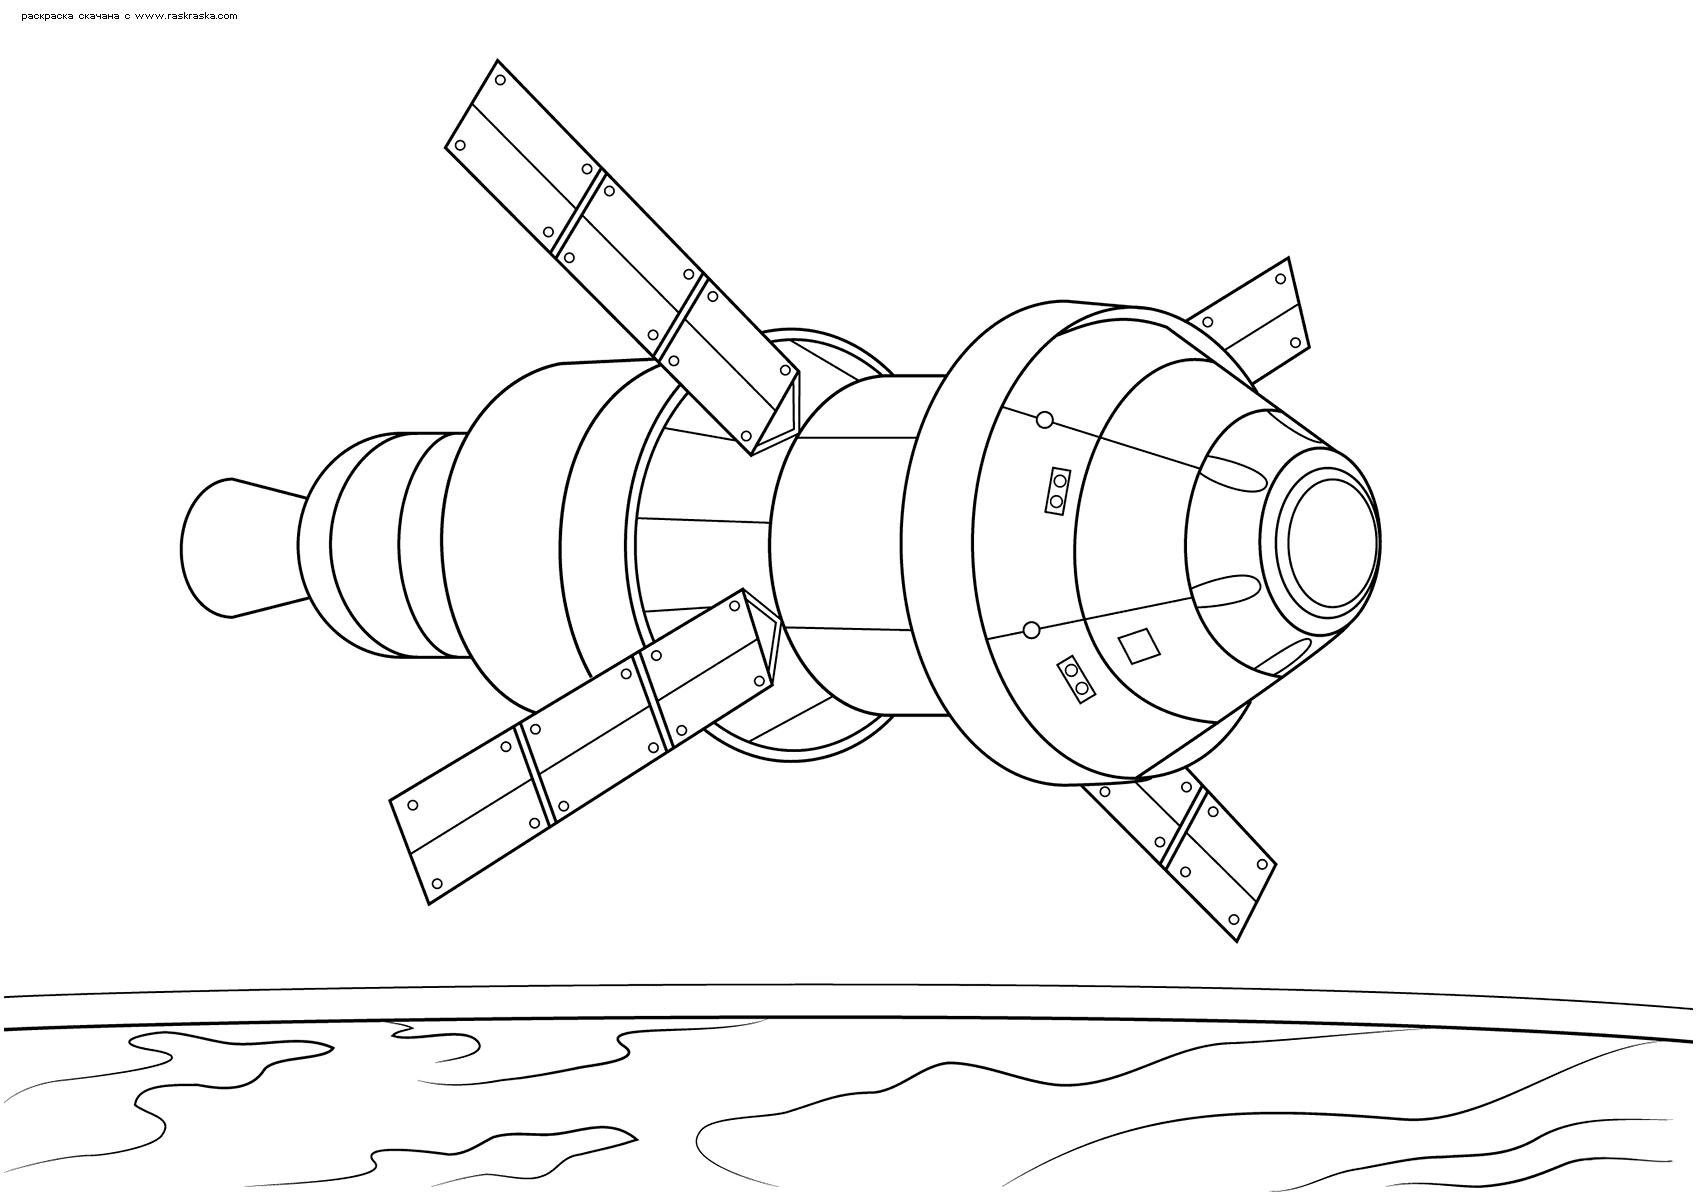 Раскраска Космический спутник. Раскраска спутник, космос